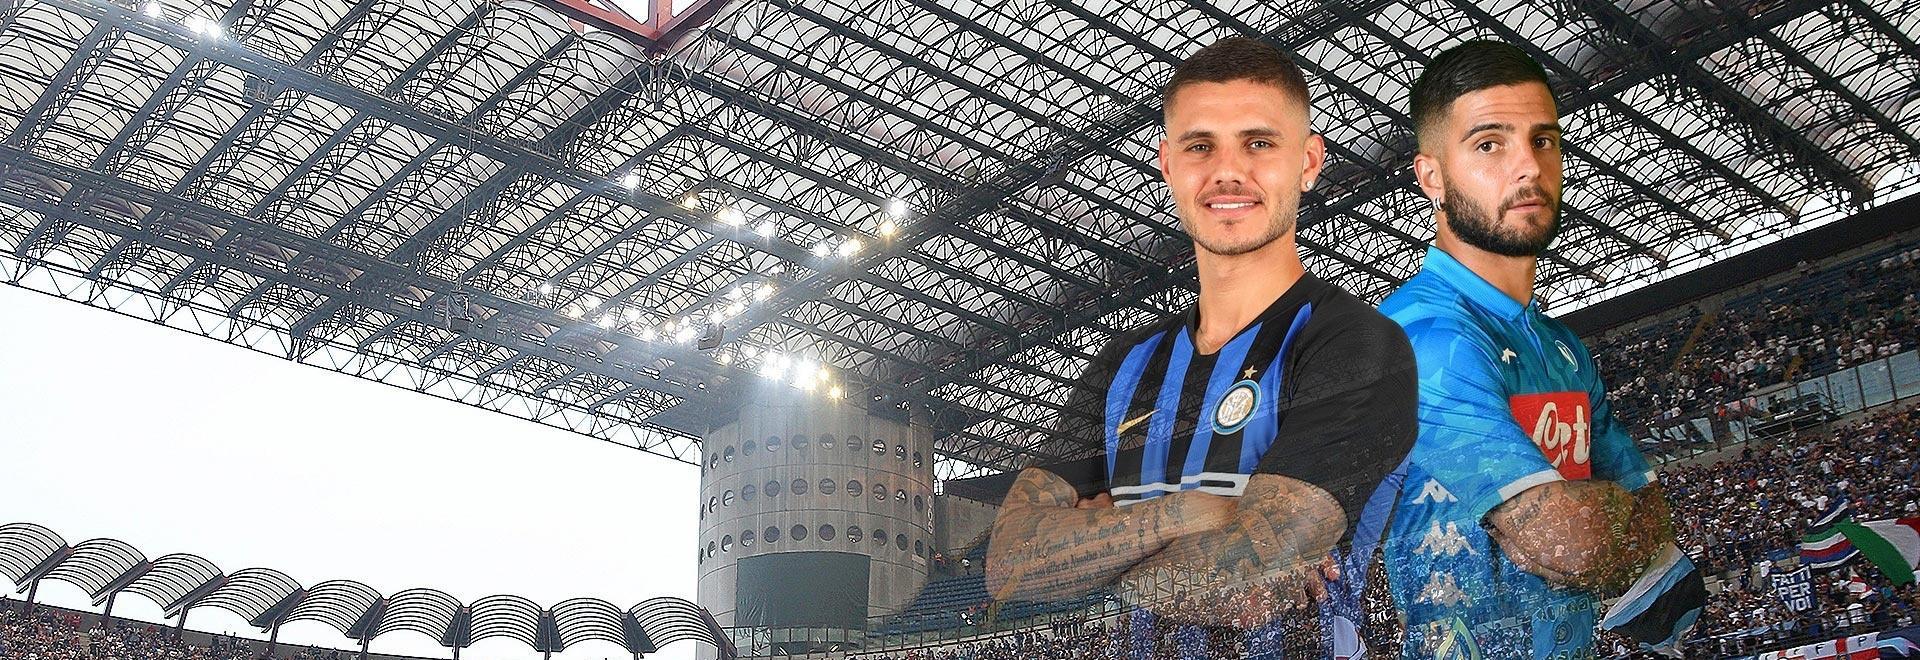 Inter - Napoli. 18a g.